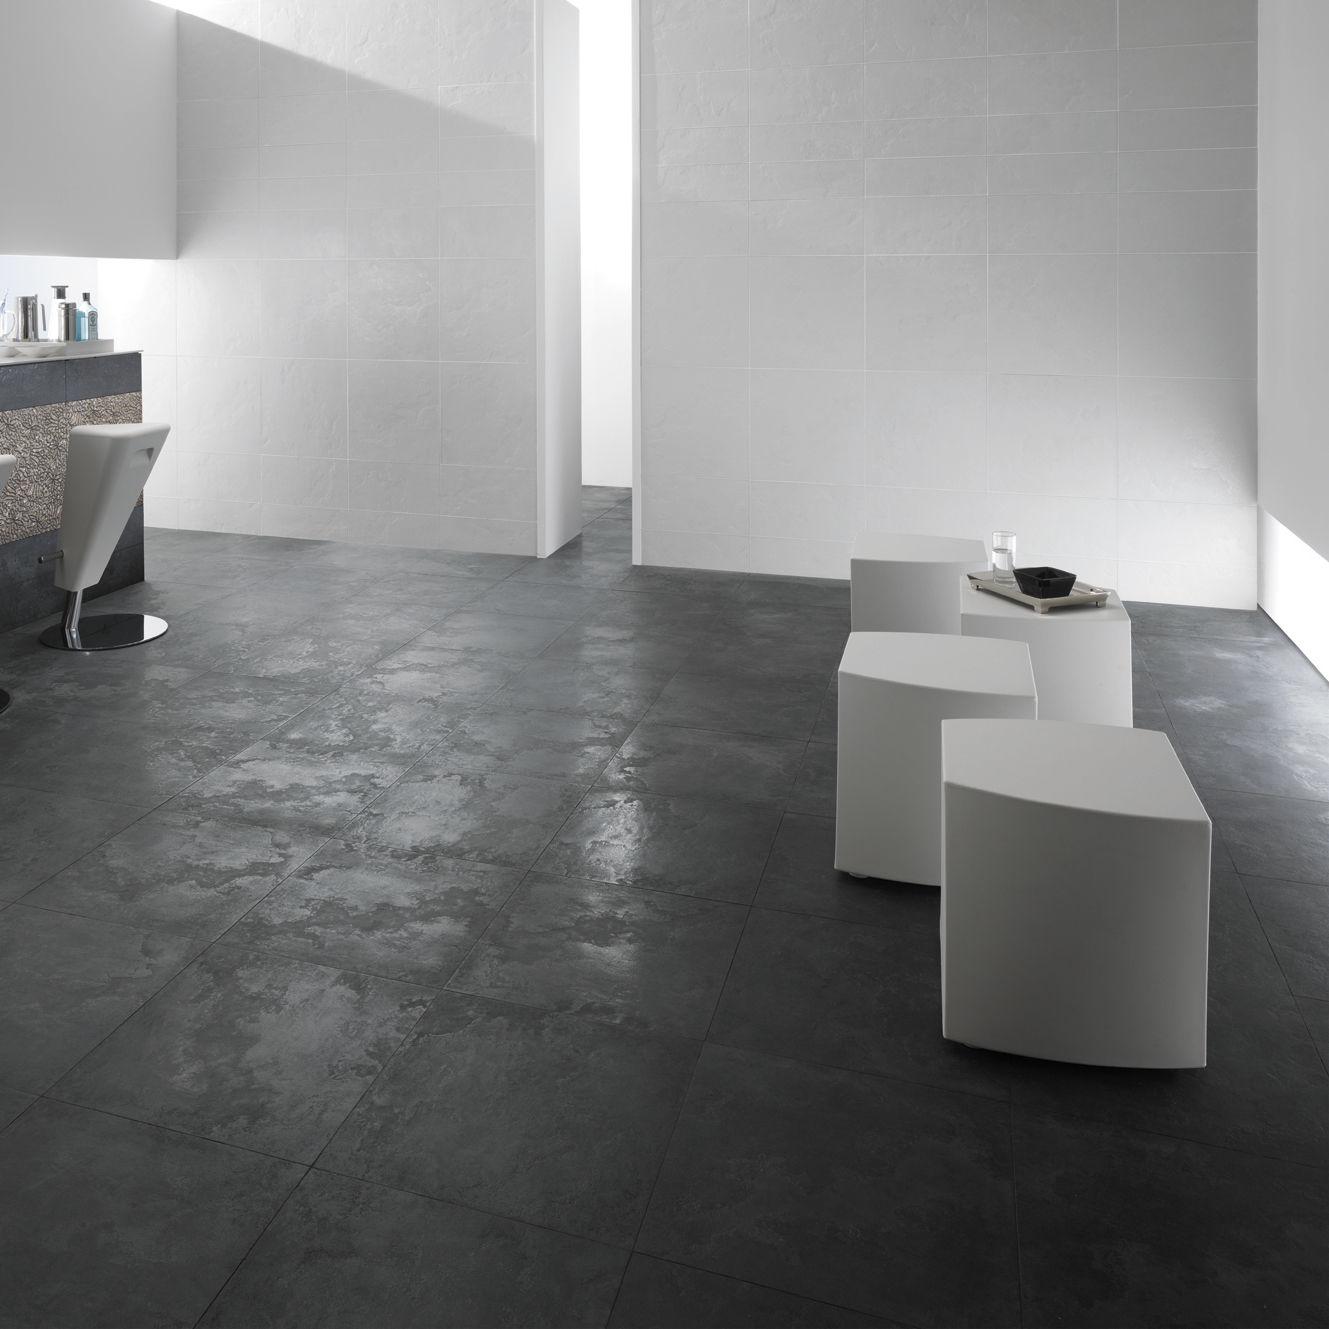 Piastrelle In Pietra Lavica : Piastrella da interno da pavimento in gres porcellanato